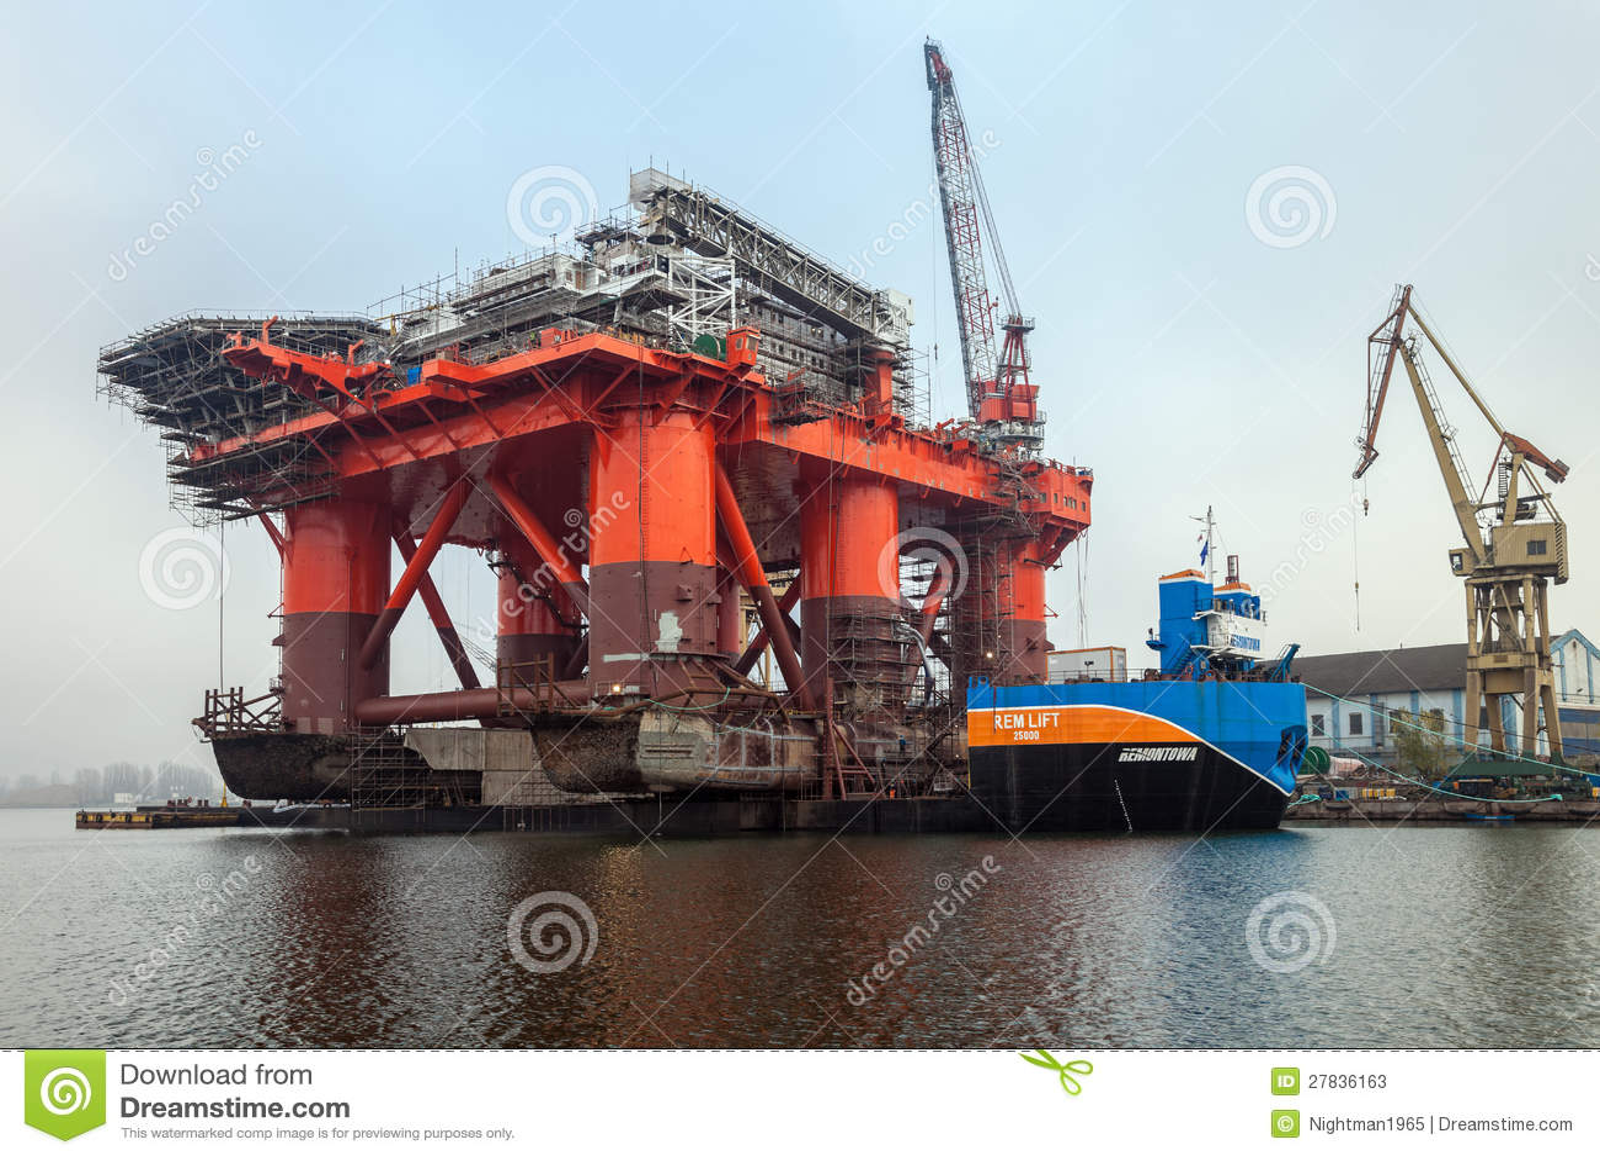 Platform on a barge